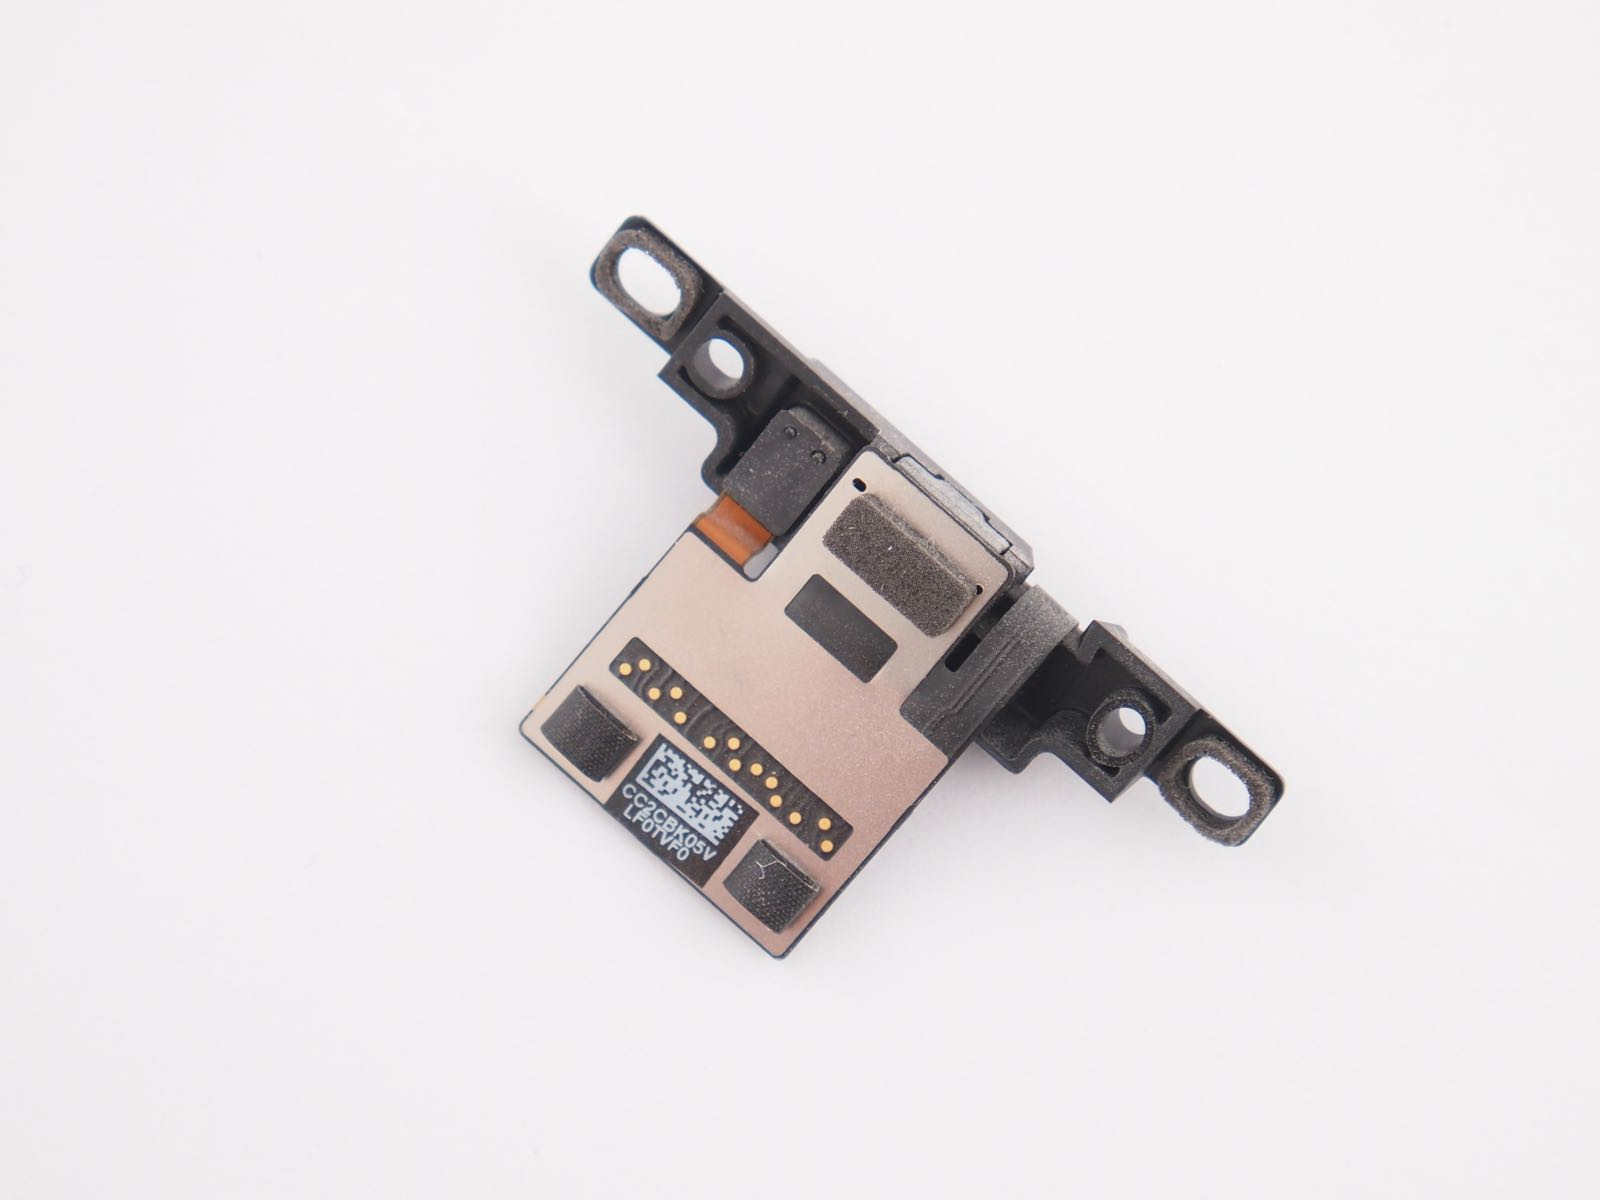 iMac isight camera rear 923-0301